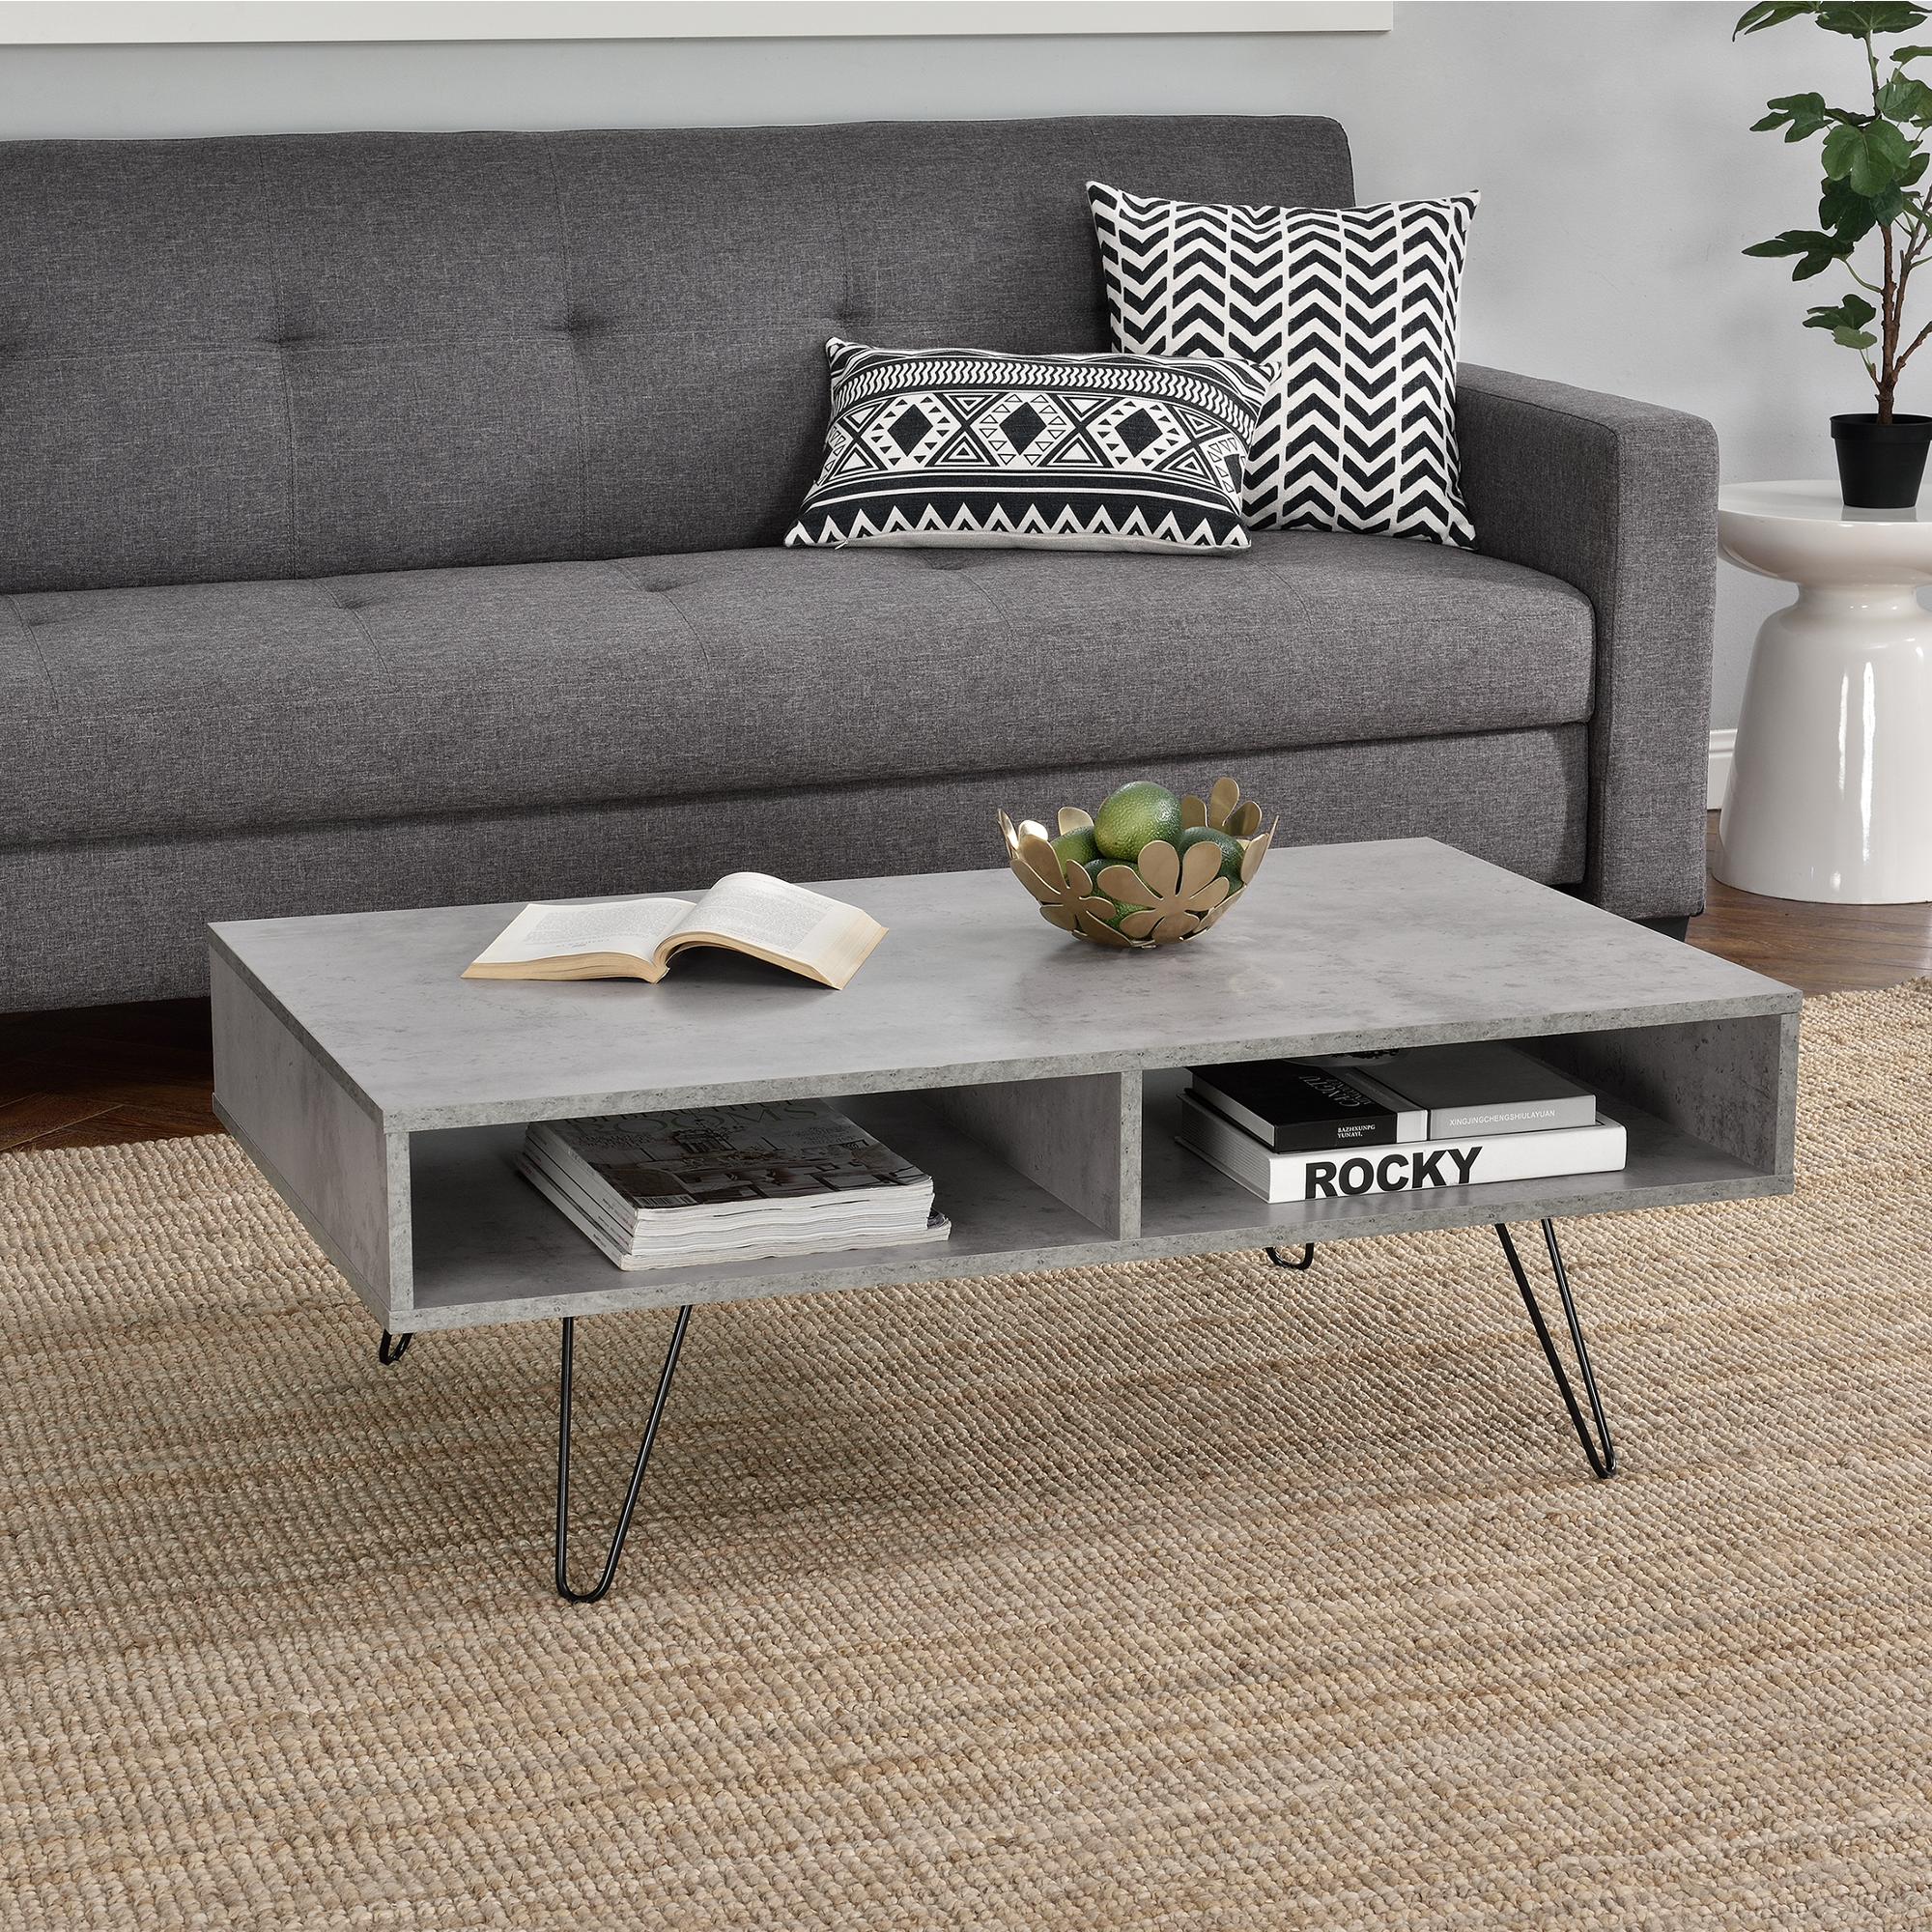 couchtisch 100x60x35cm wohnzimmertisch beistelltisch beton optik mdf ebay. Black Bedroom Furniture Sets. Home Design Ideas